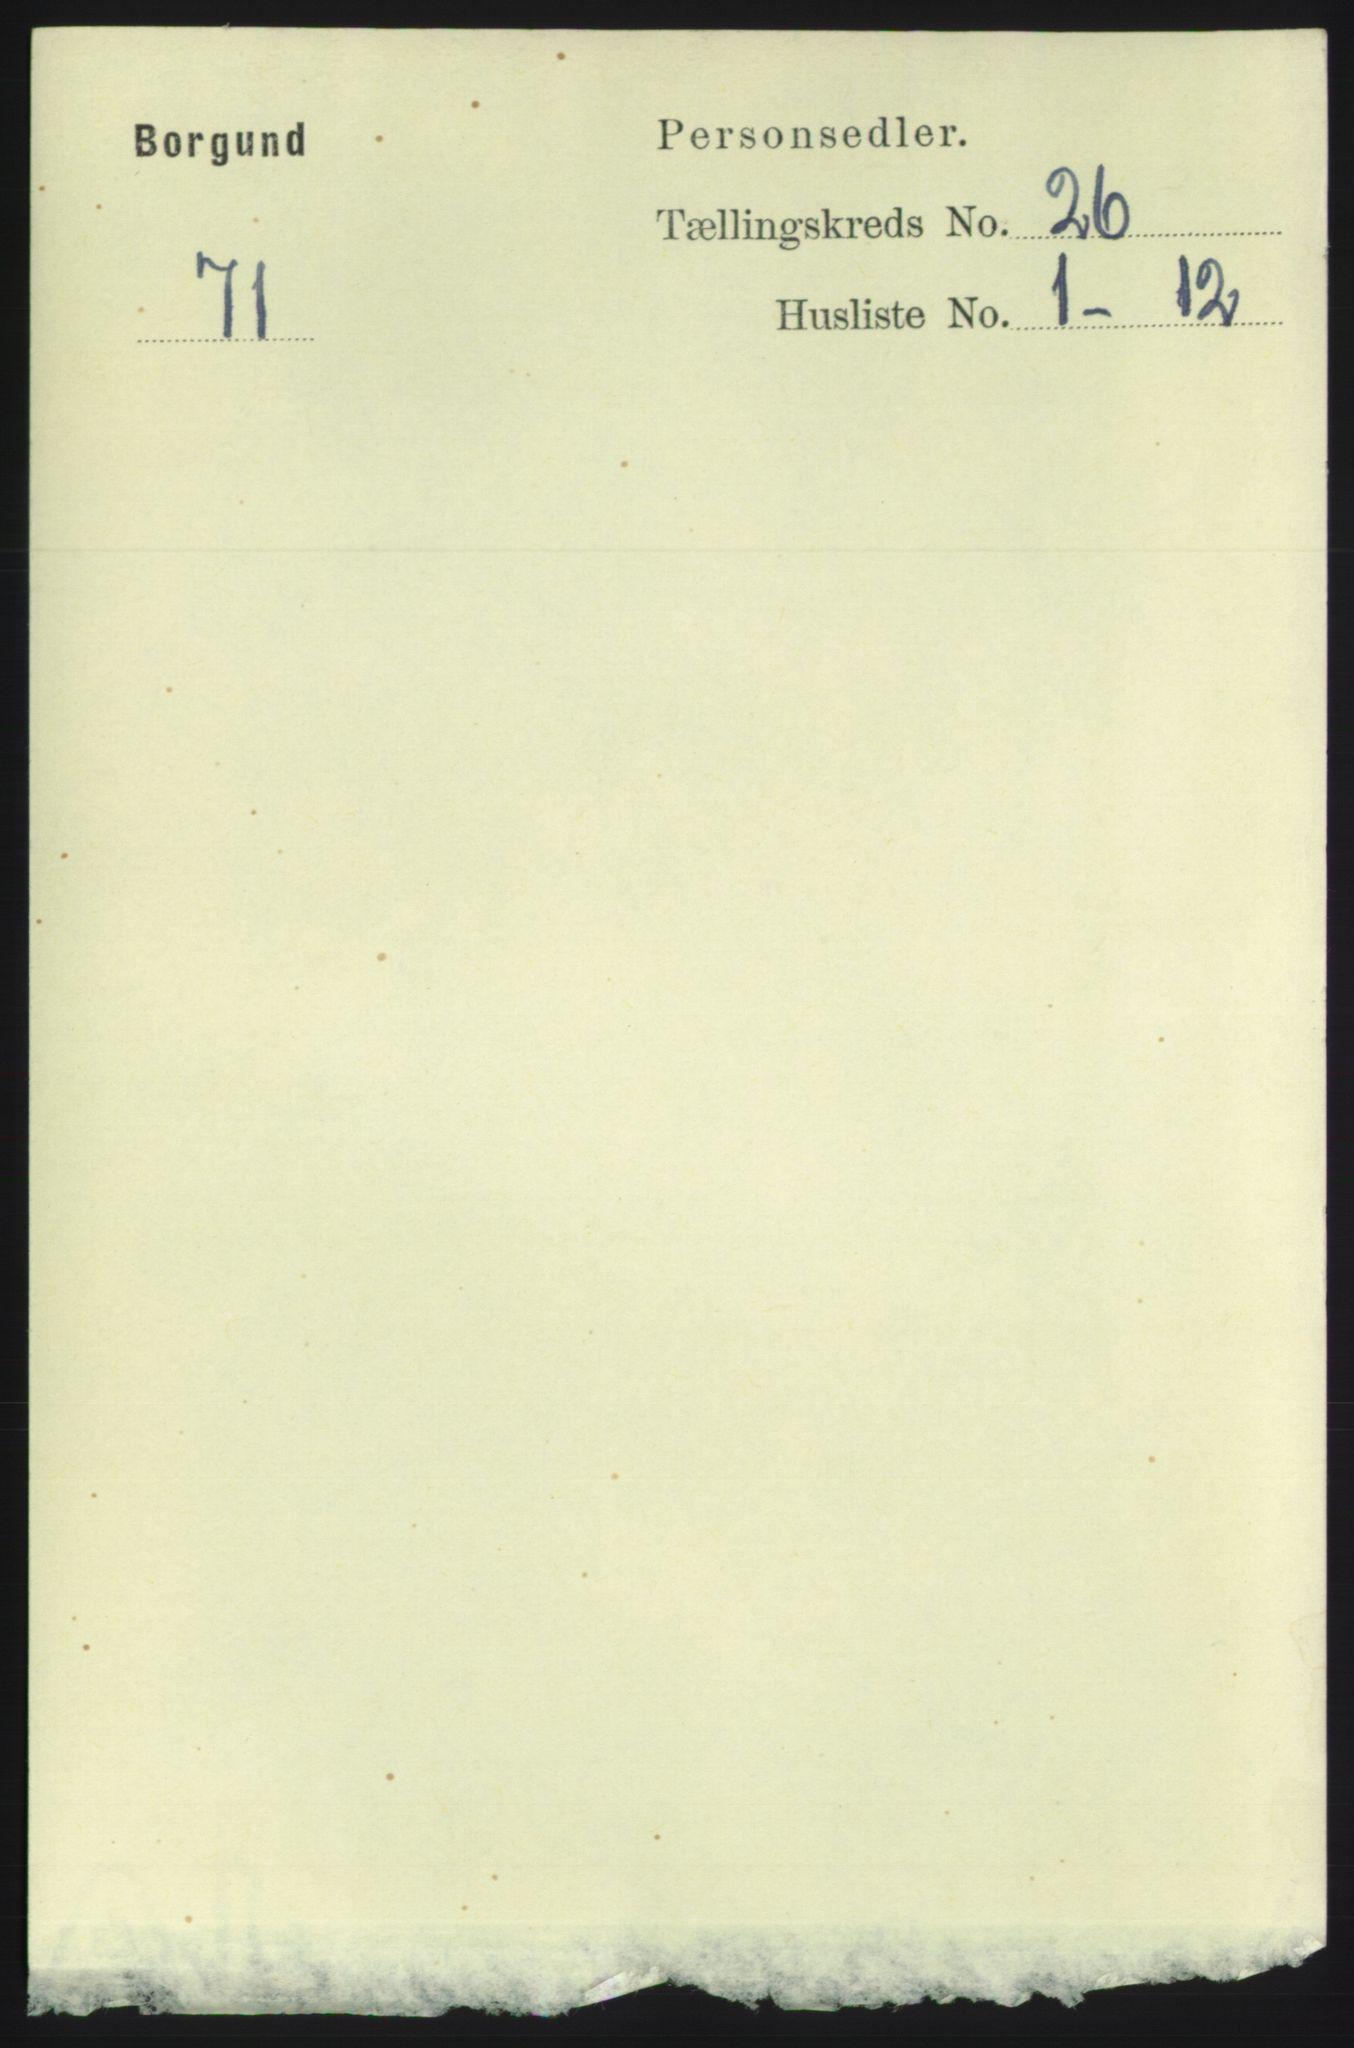 RA, Folketelling 1891 for 1531 Borgund herred, 1891, s. 7592